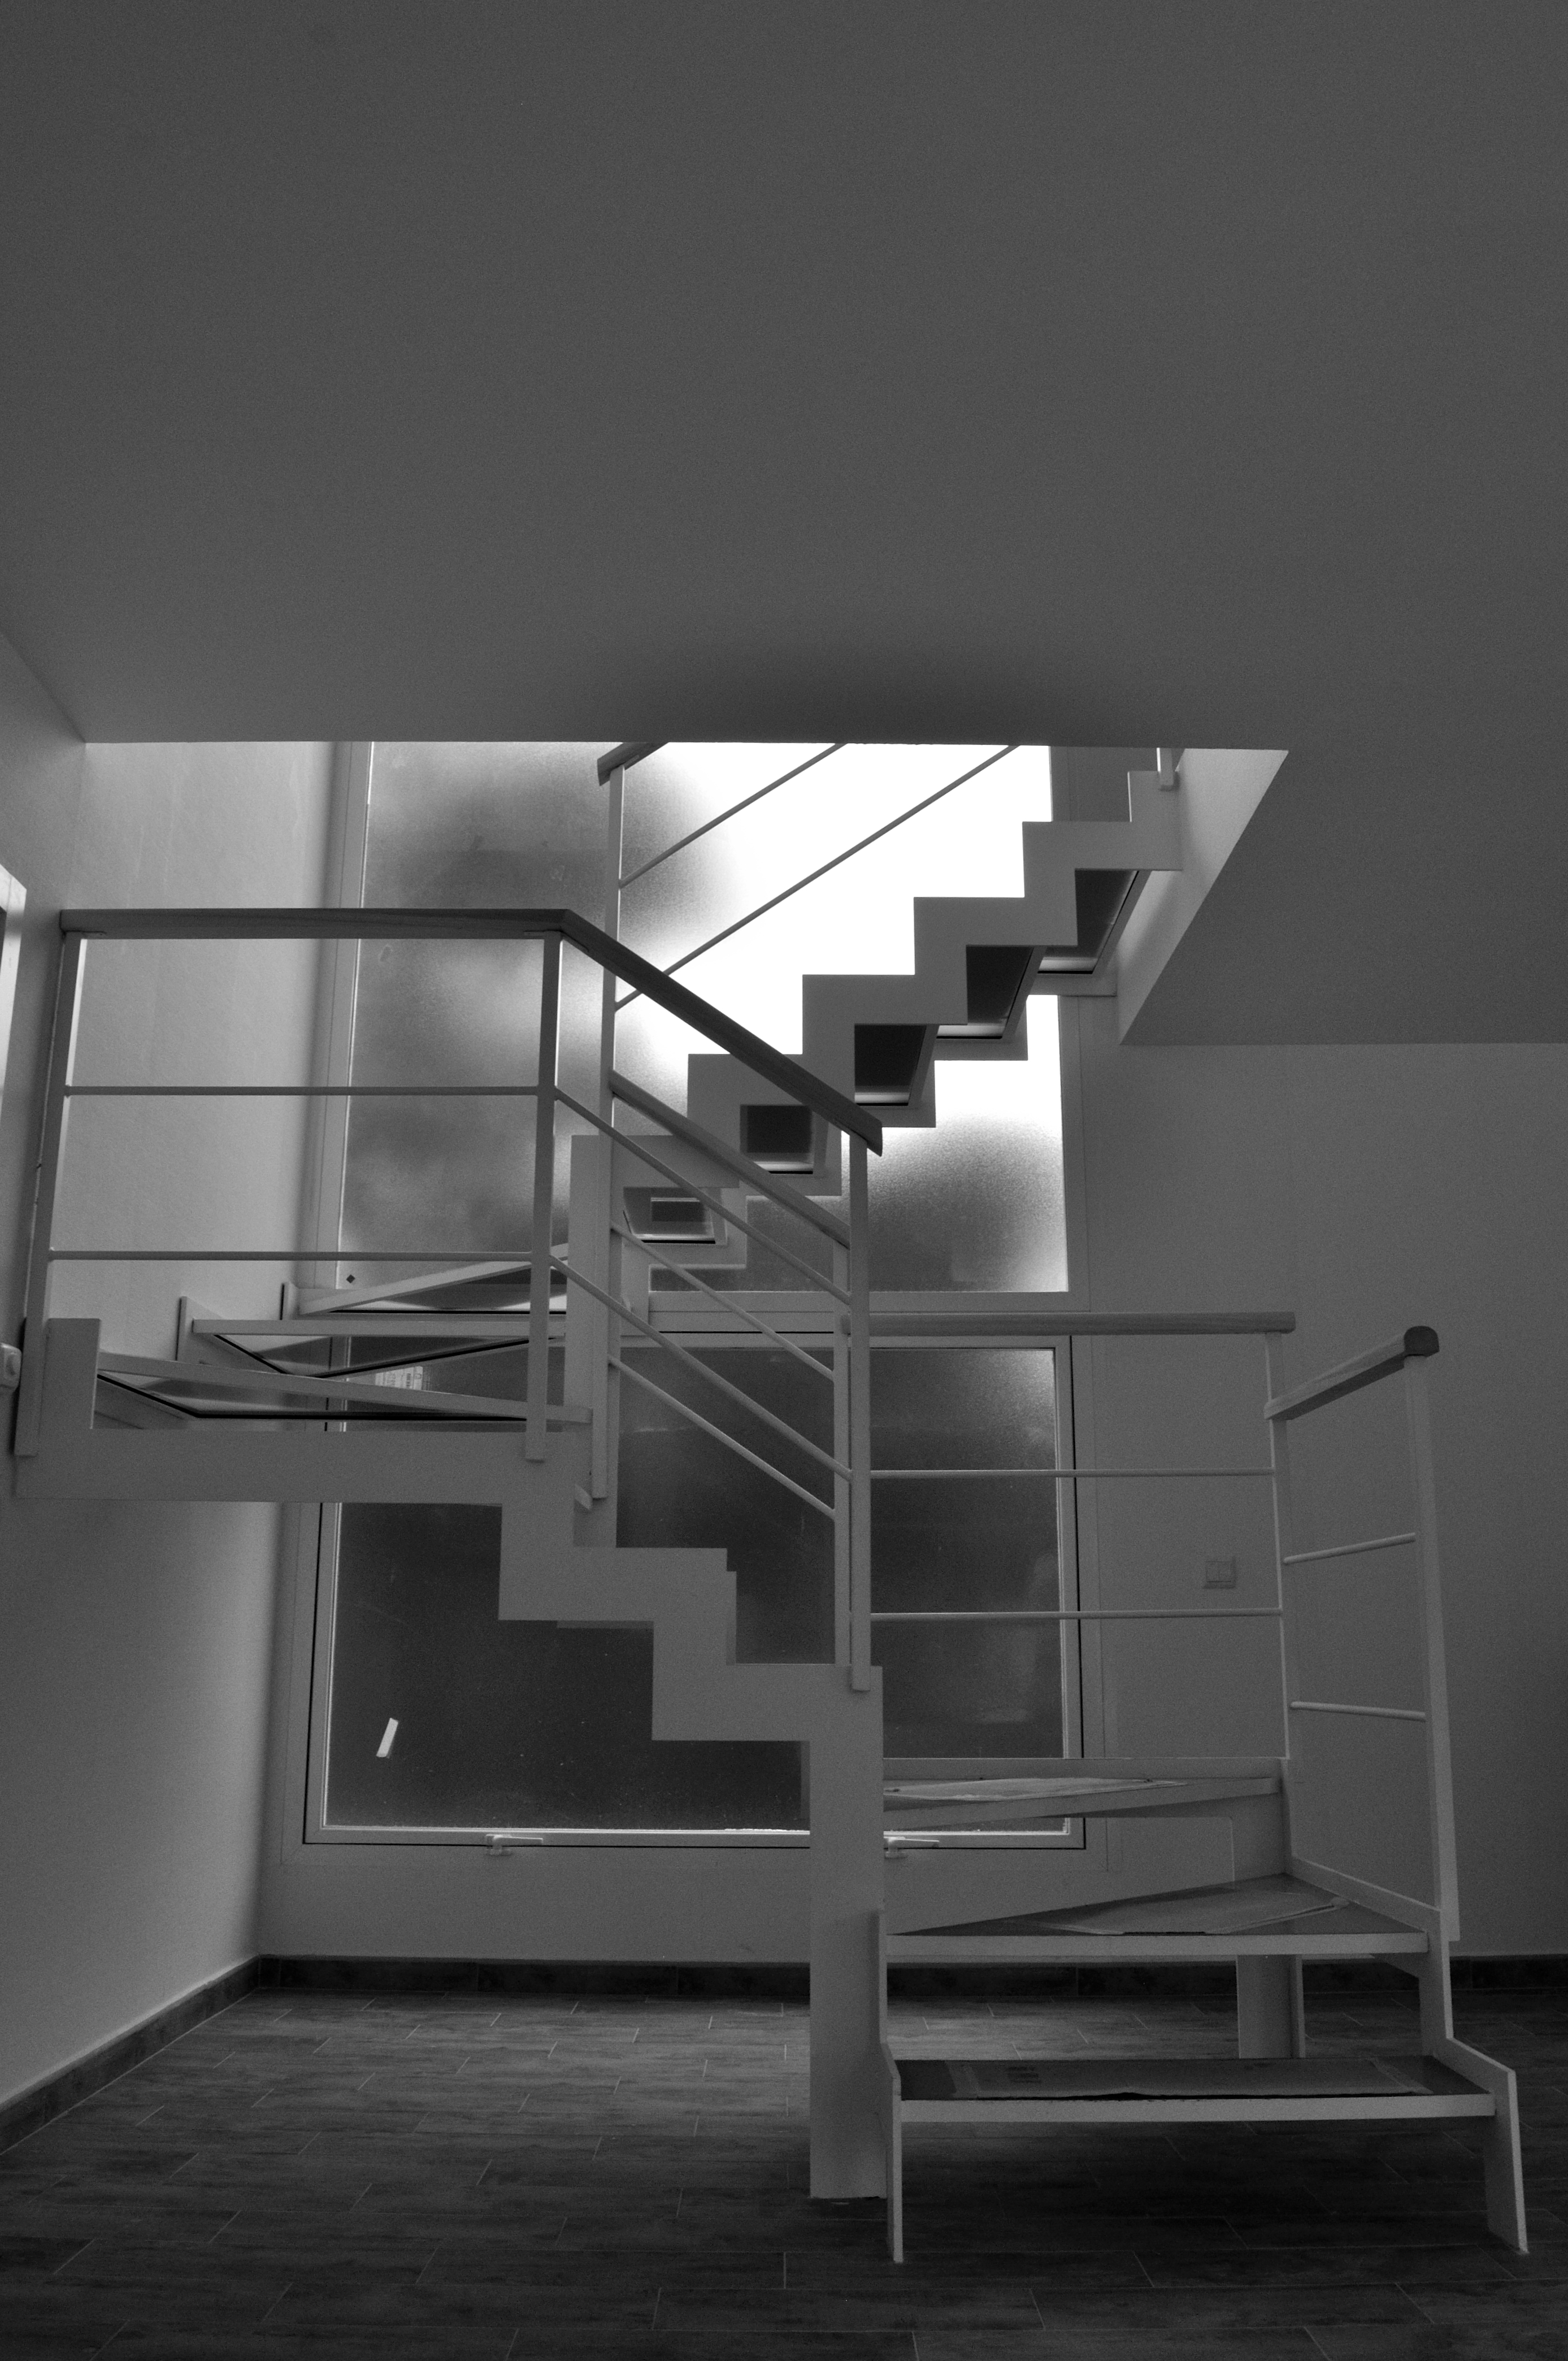 Escalera Acero y Cristal